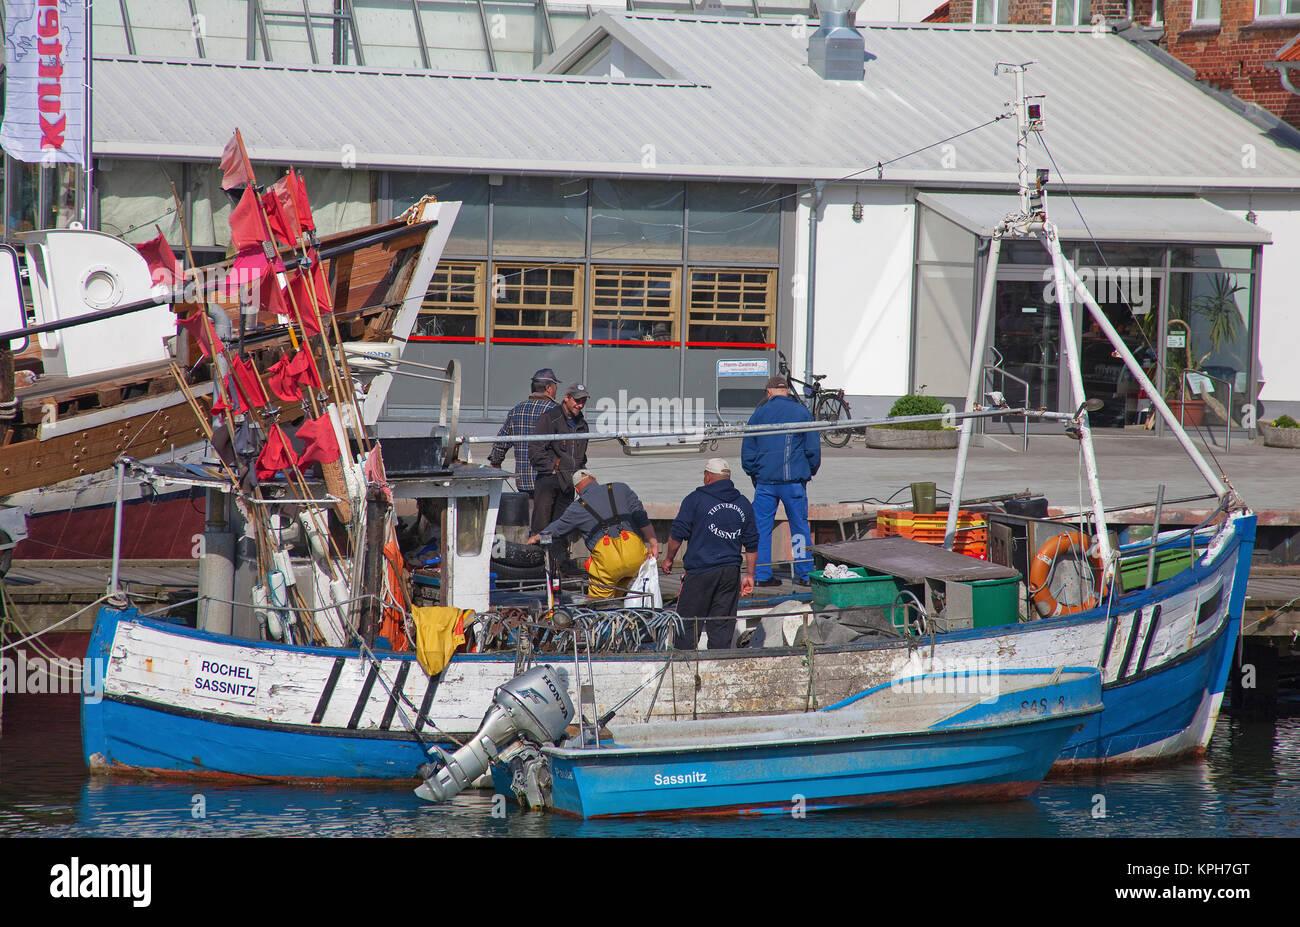 Les pêcheurs au port de Sassnitz, Ruegen island, Mecklembourg-Poméranie-Occidentale, de la mer Baltique, l'Allemagne, de l'Europe Banque D'Images